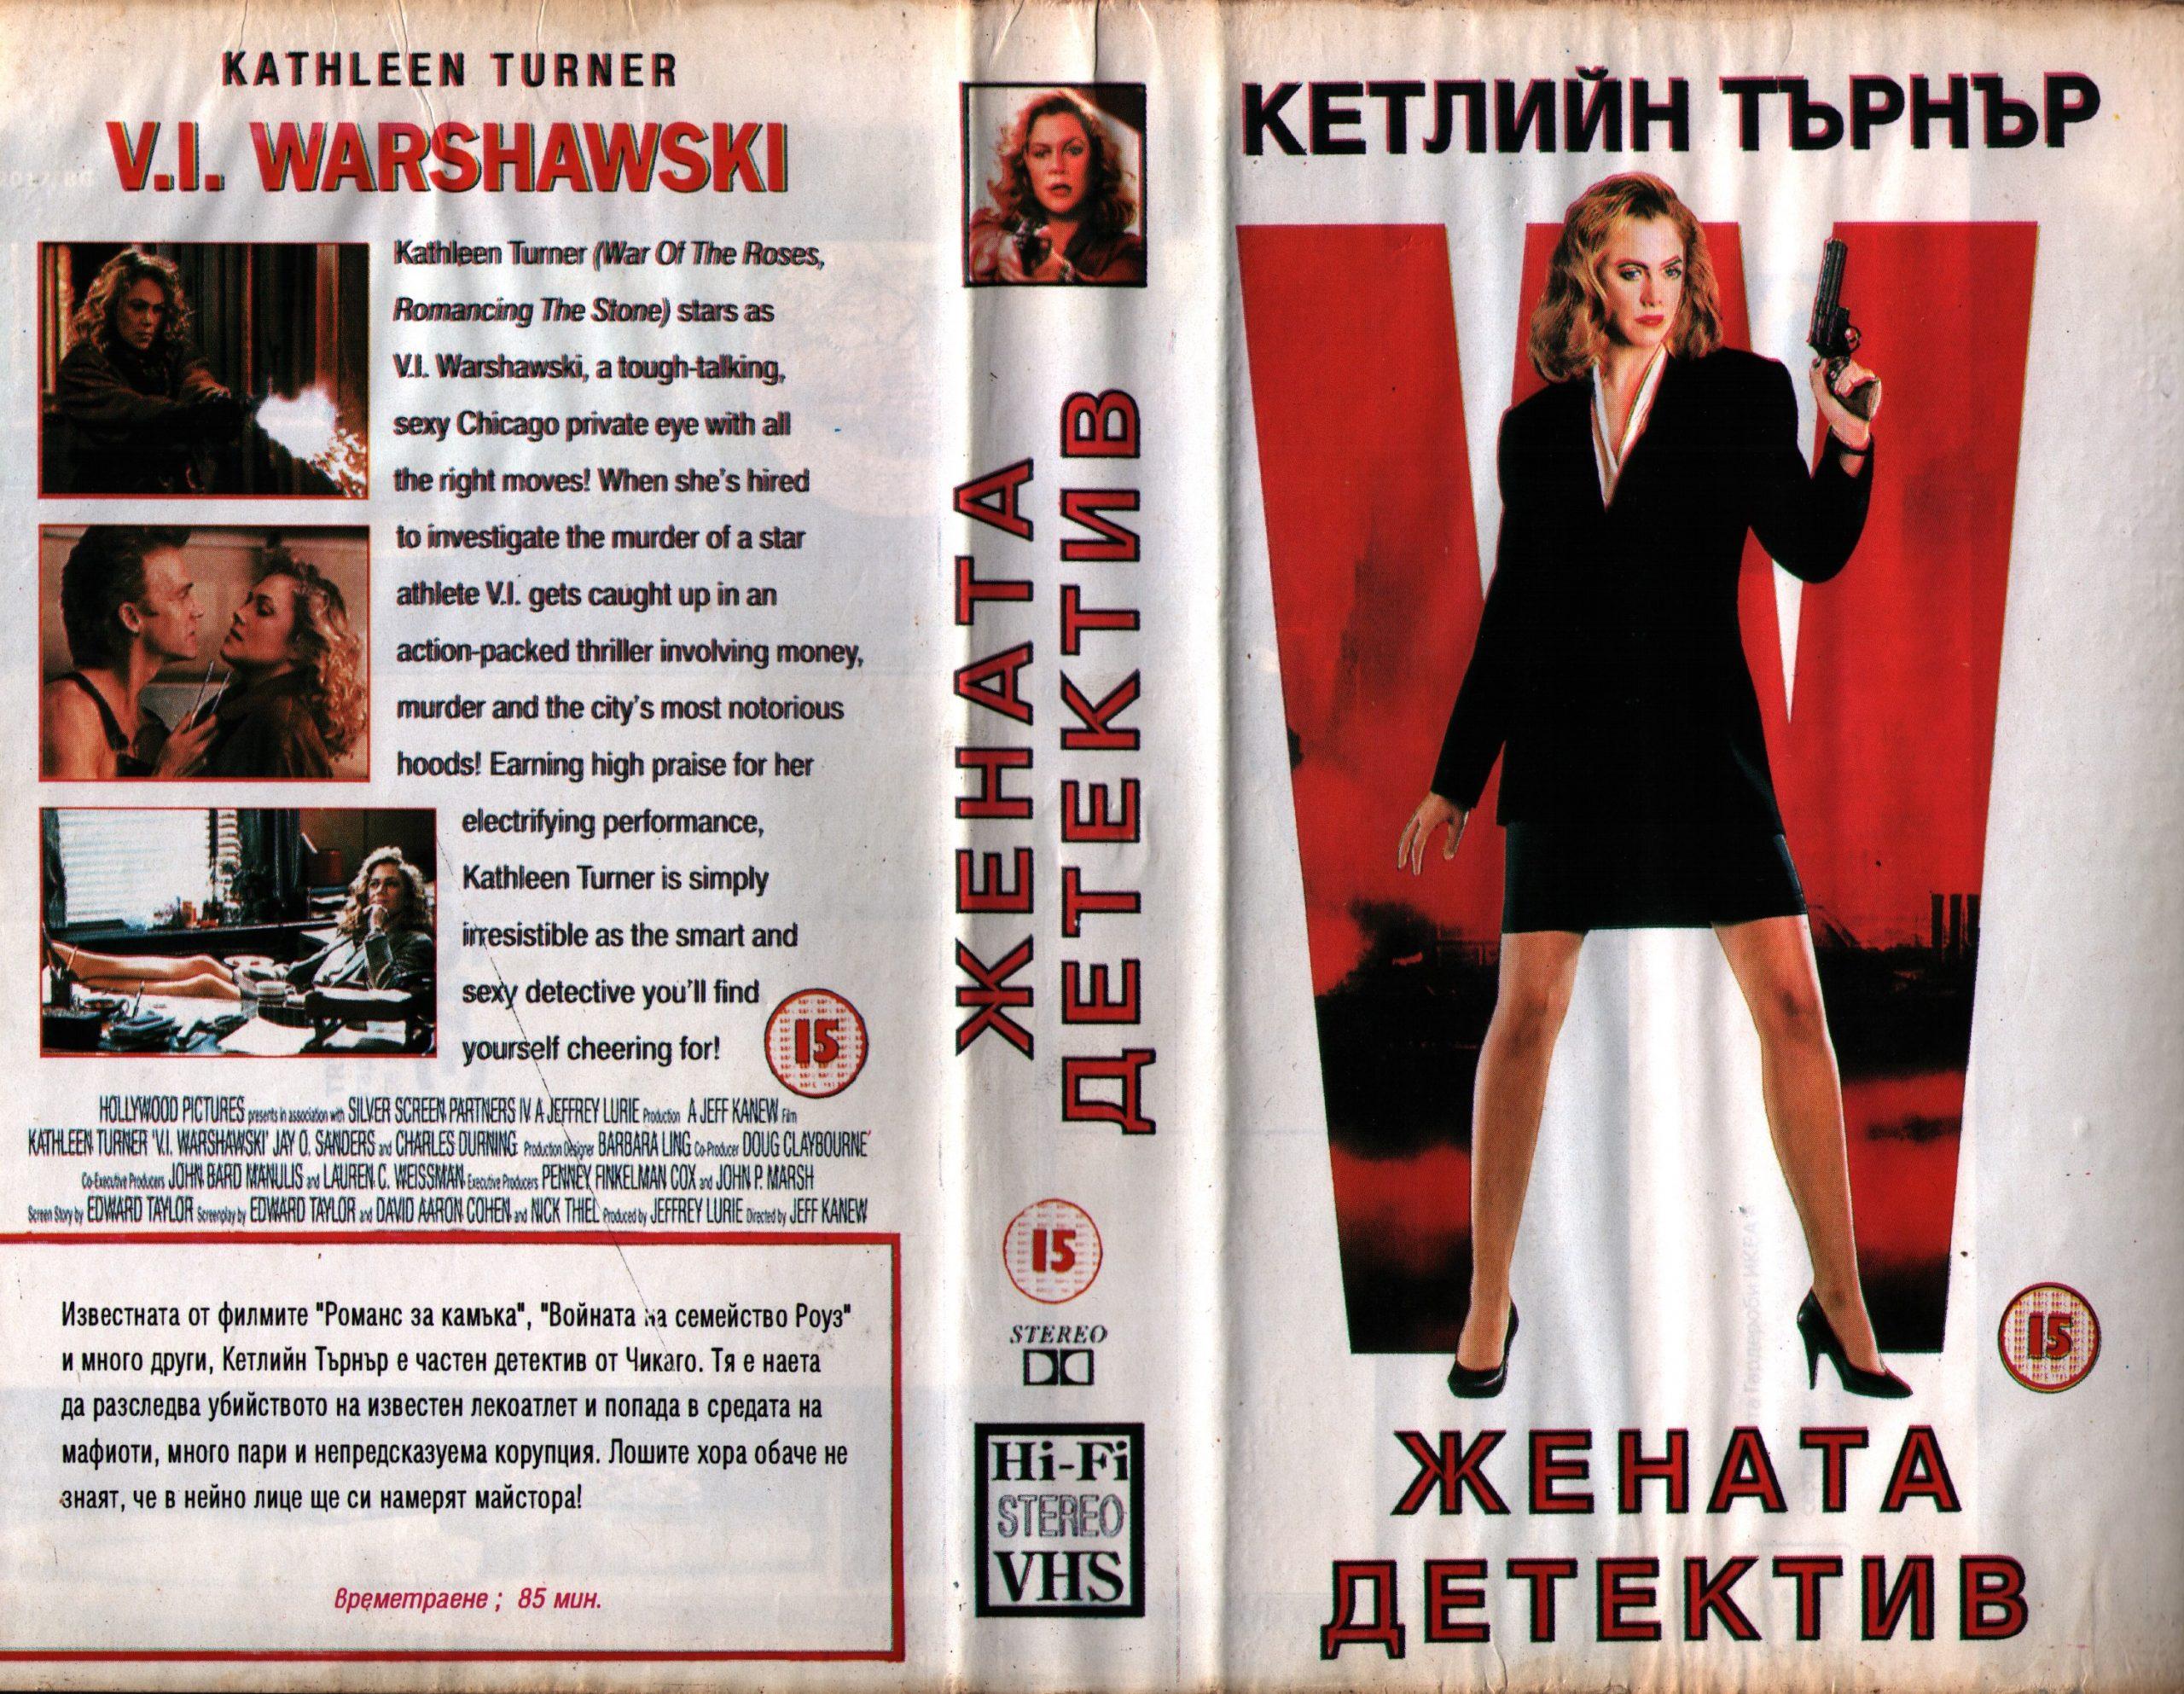 Жената детектив